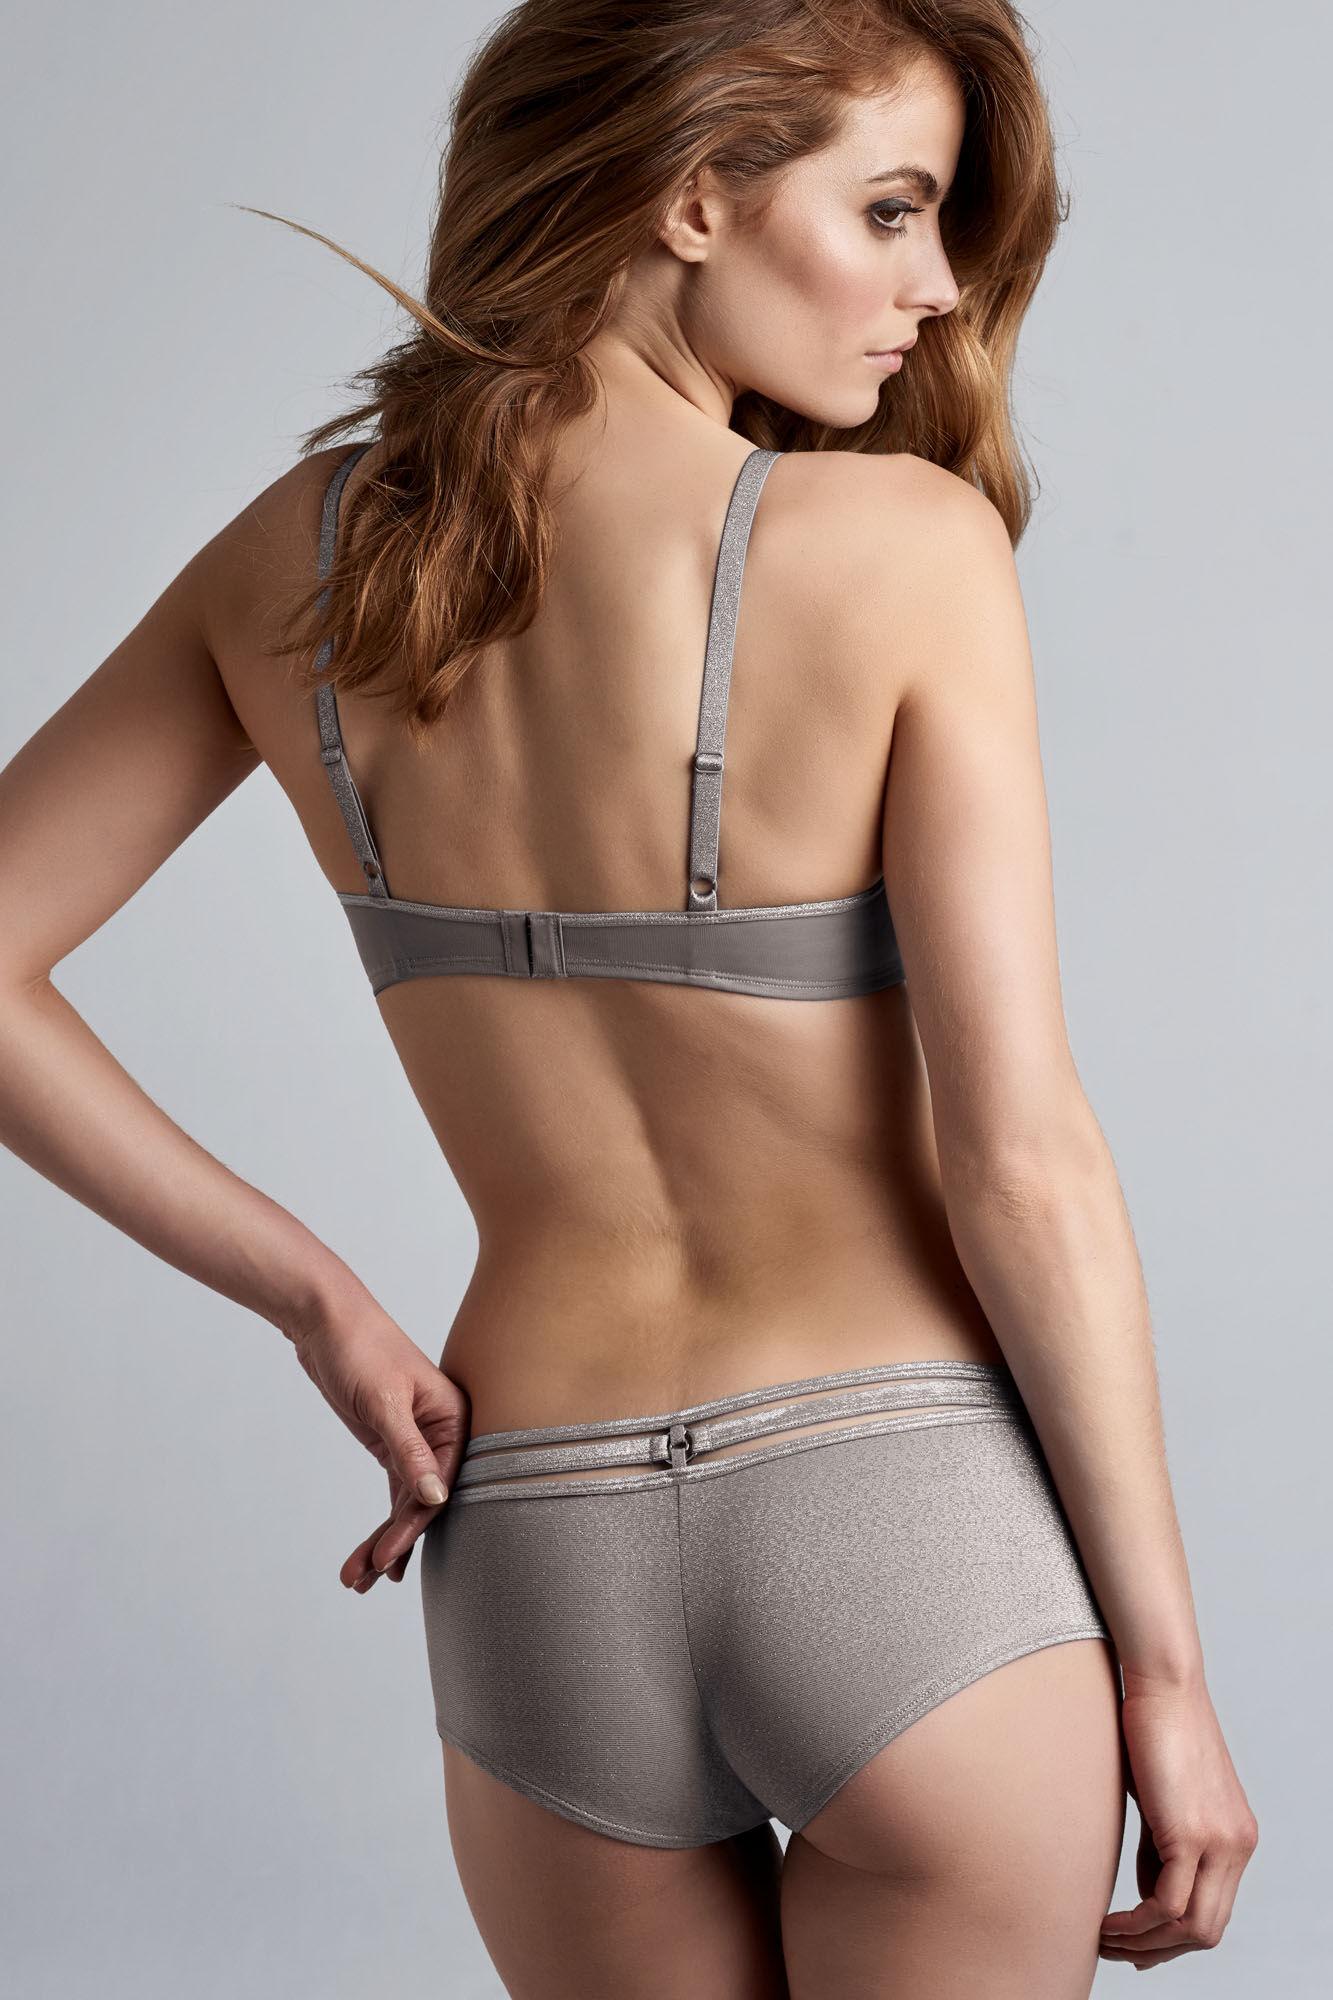 Grion less womens sex lingerie